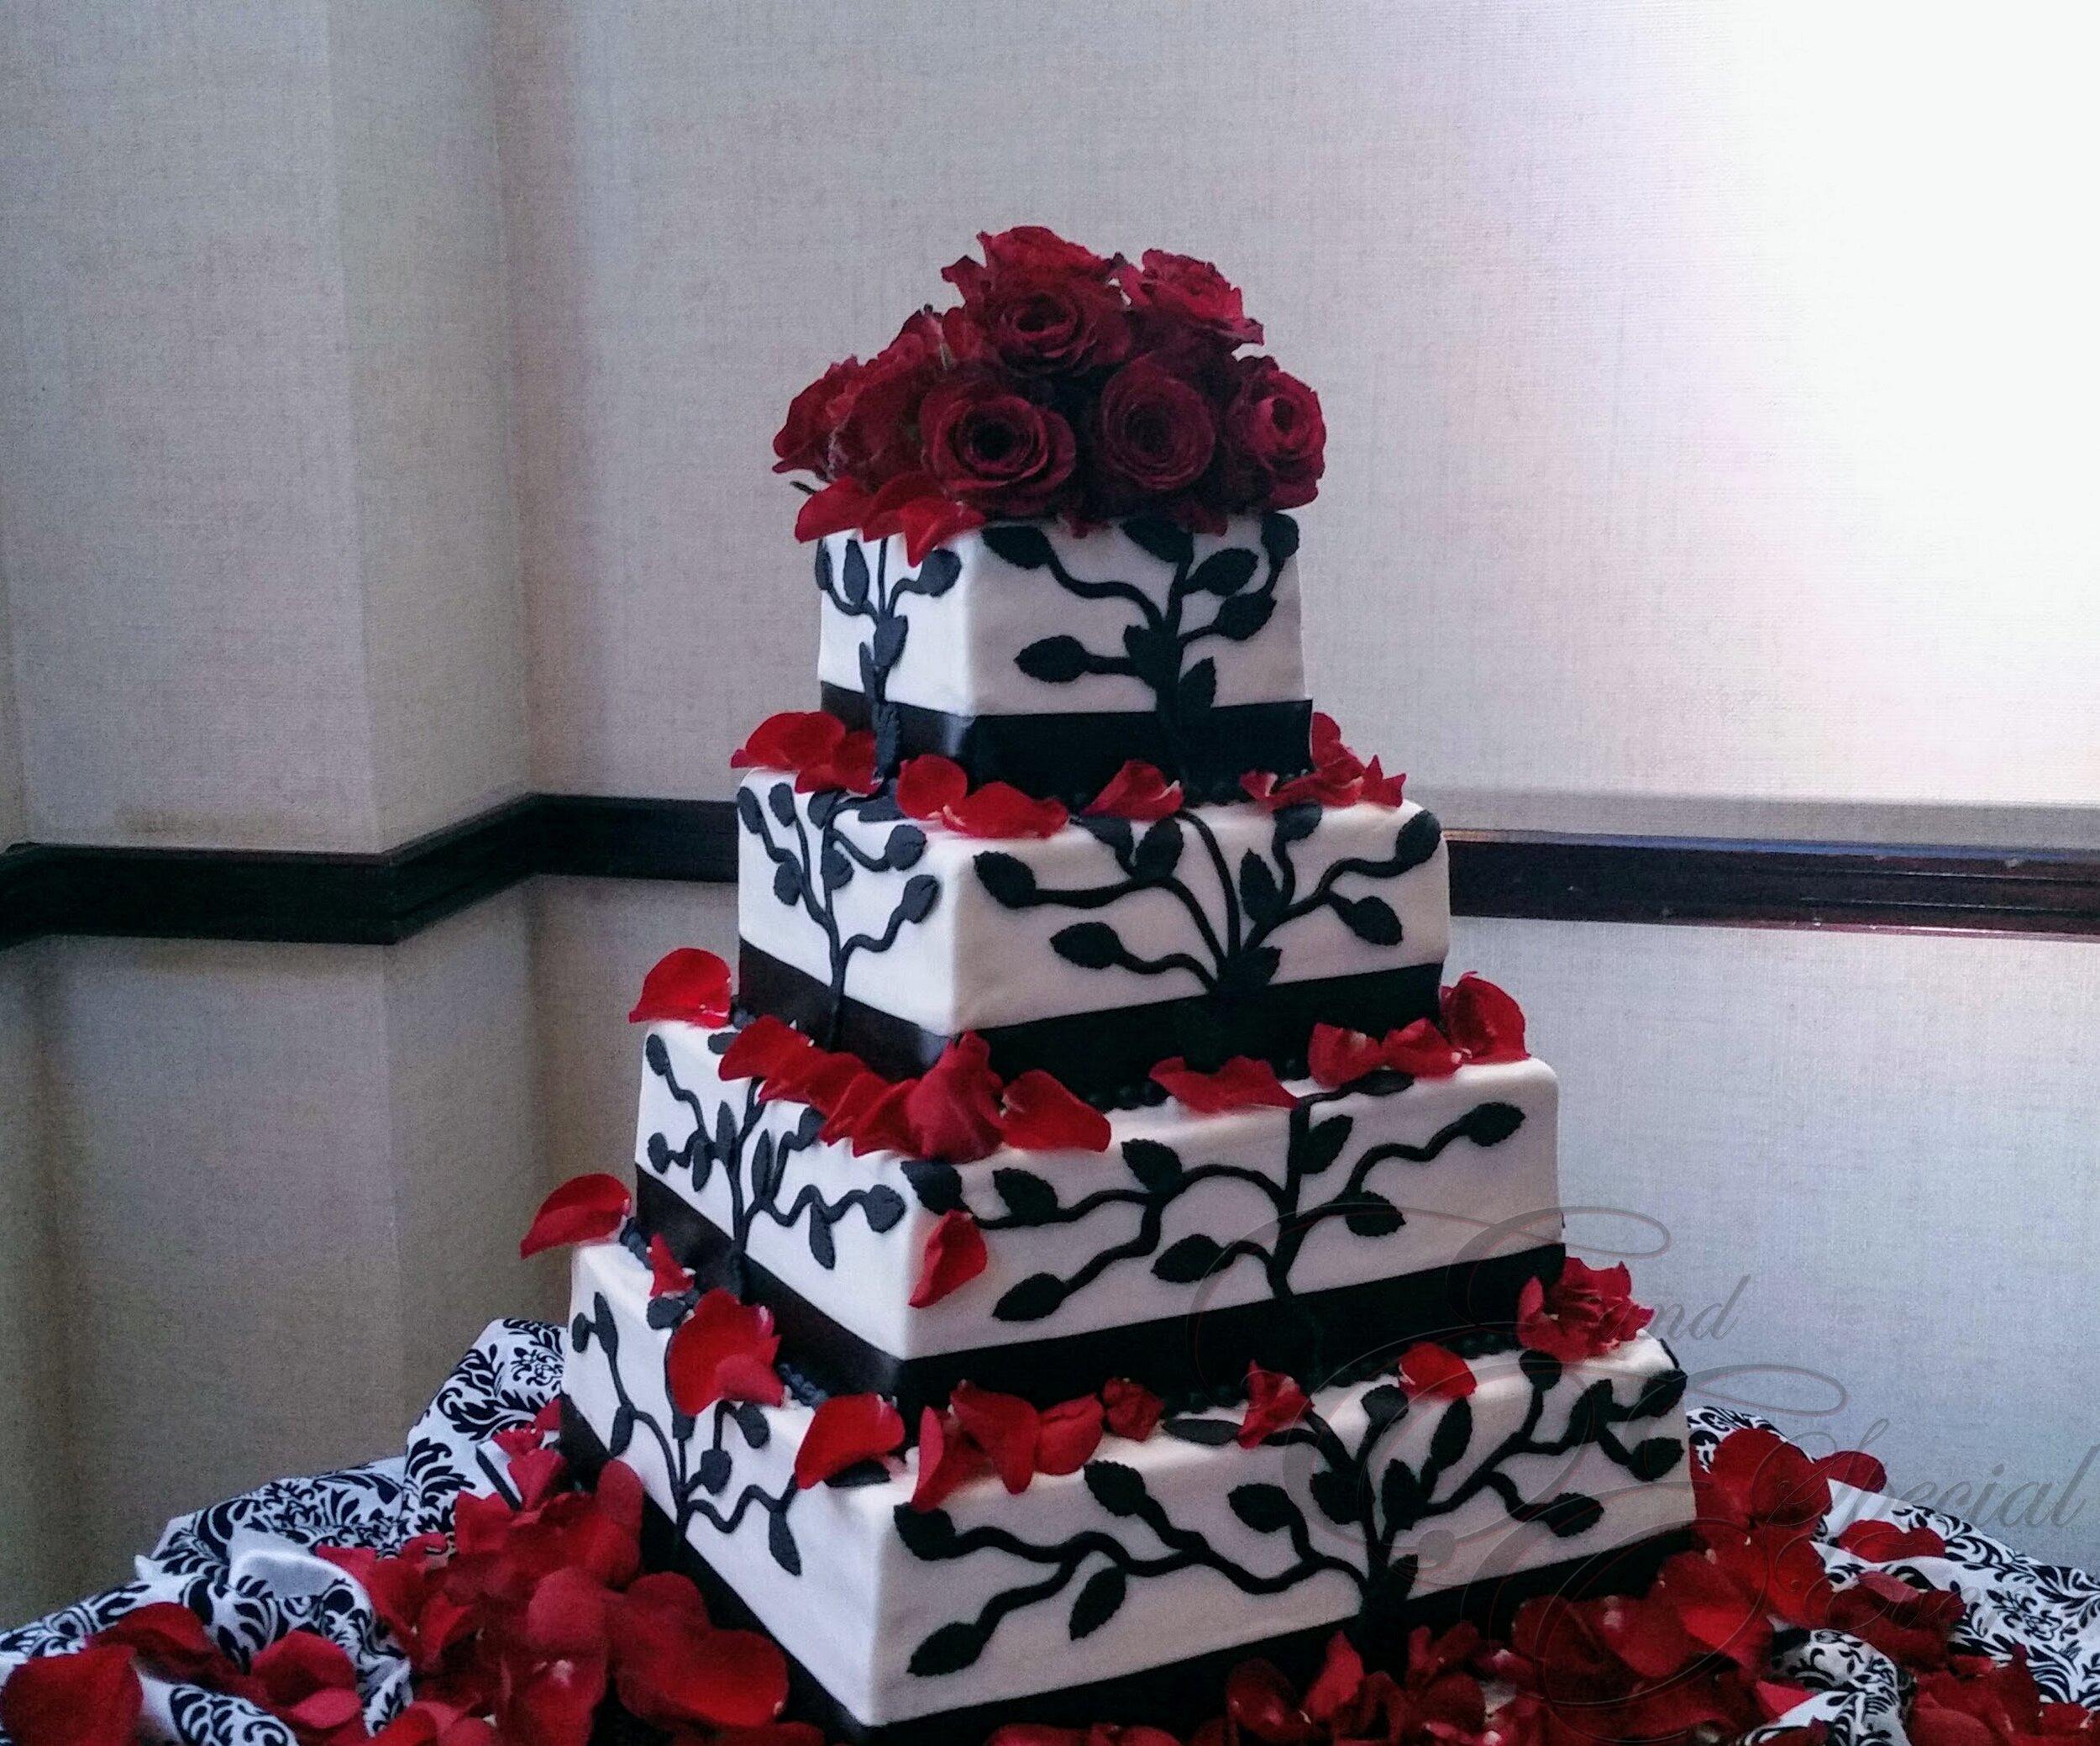 wedding_cakes_E_and_E_Special_Events_virginia_beach_32.jpg